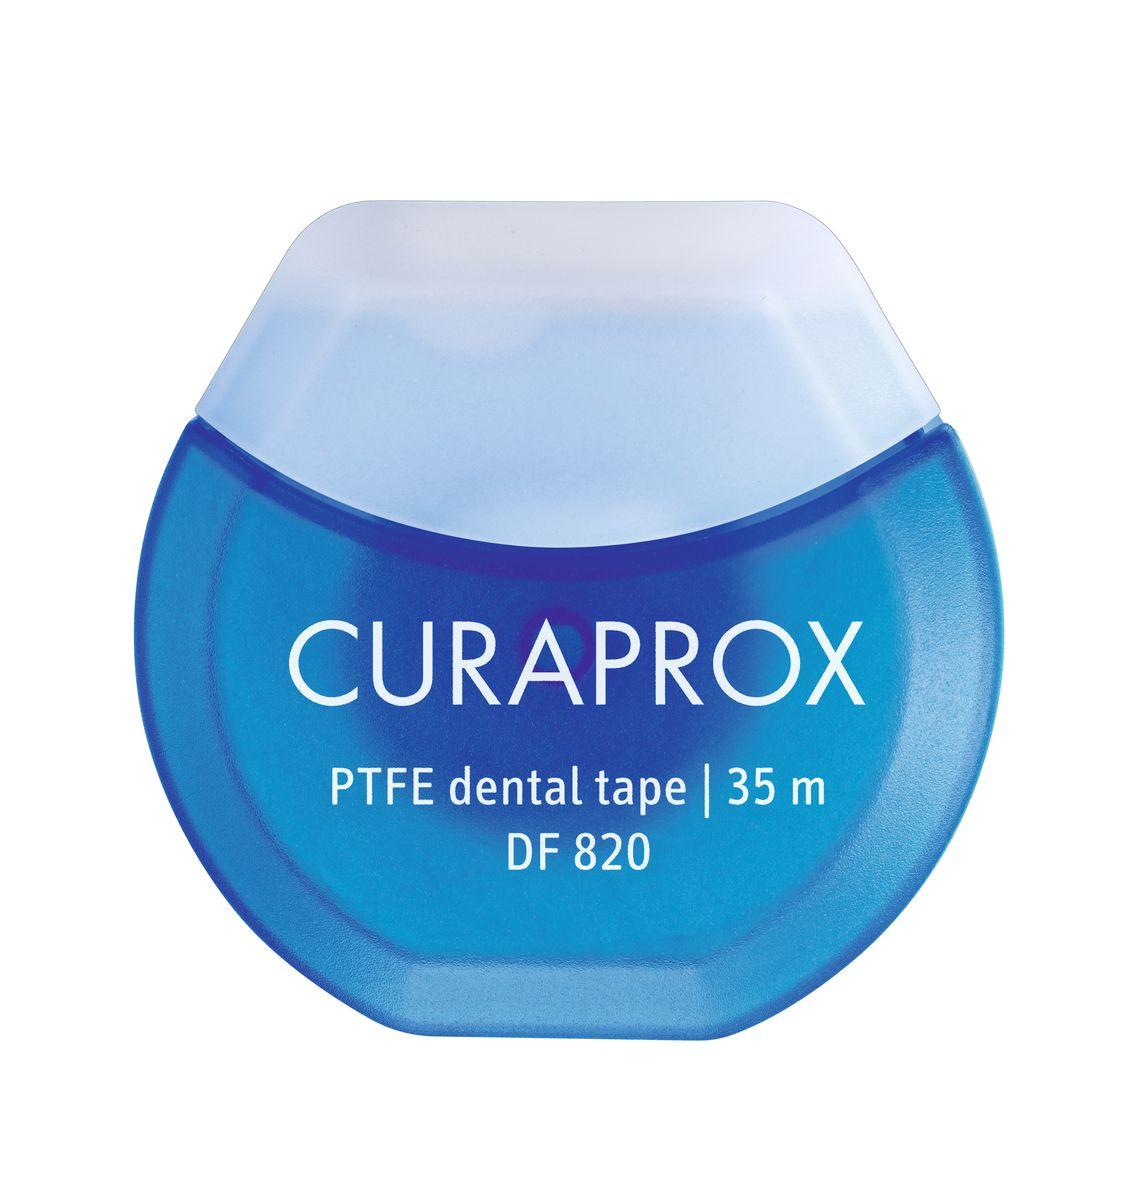 Curaprox DF 820 Нить межзубная тефлоновая с хлоргексидином, 35 мDF820Нить для очищение межзубных промежутков. Рекомендации: использовать ежедневно после приема пищи, минимум 1 раз в день. Длина 35 м.